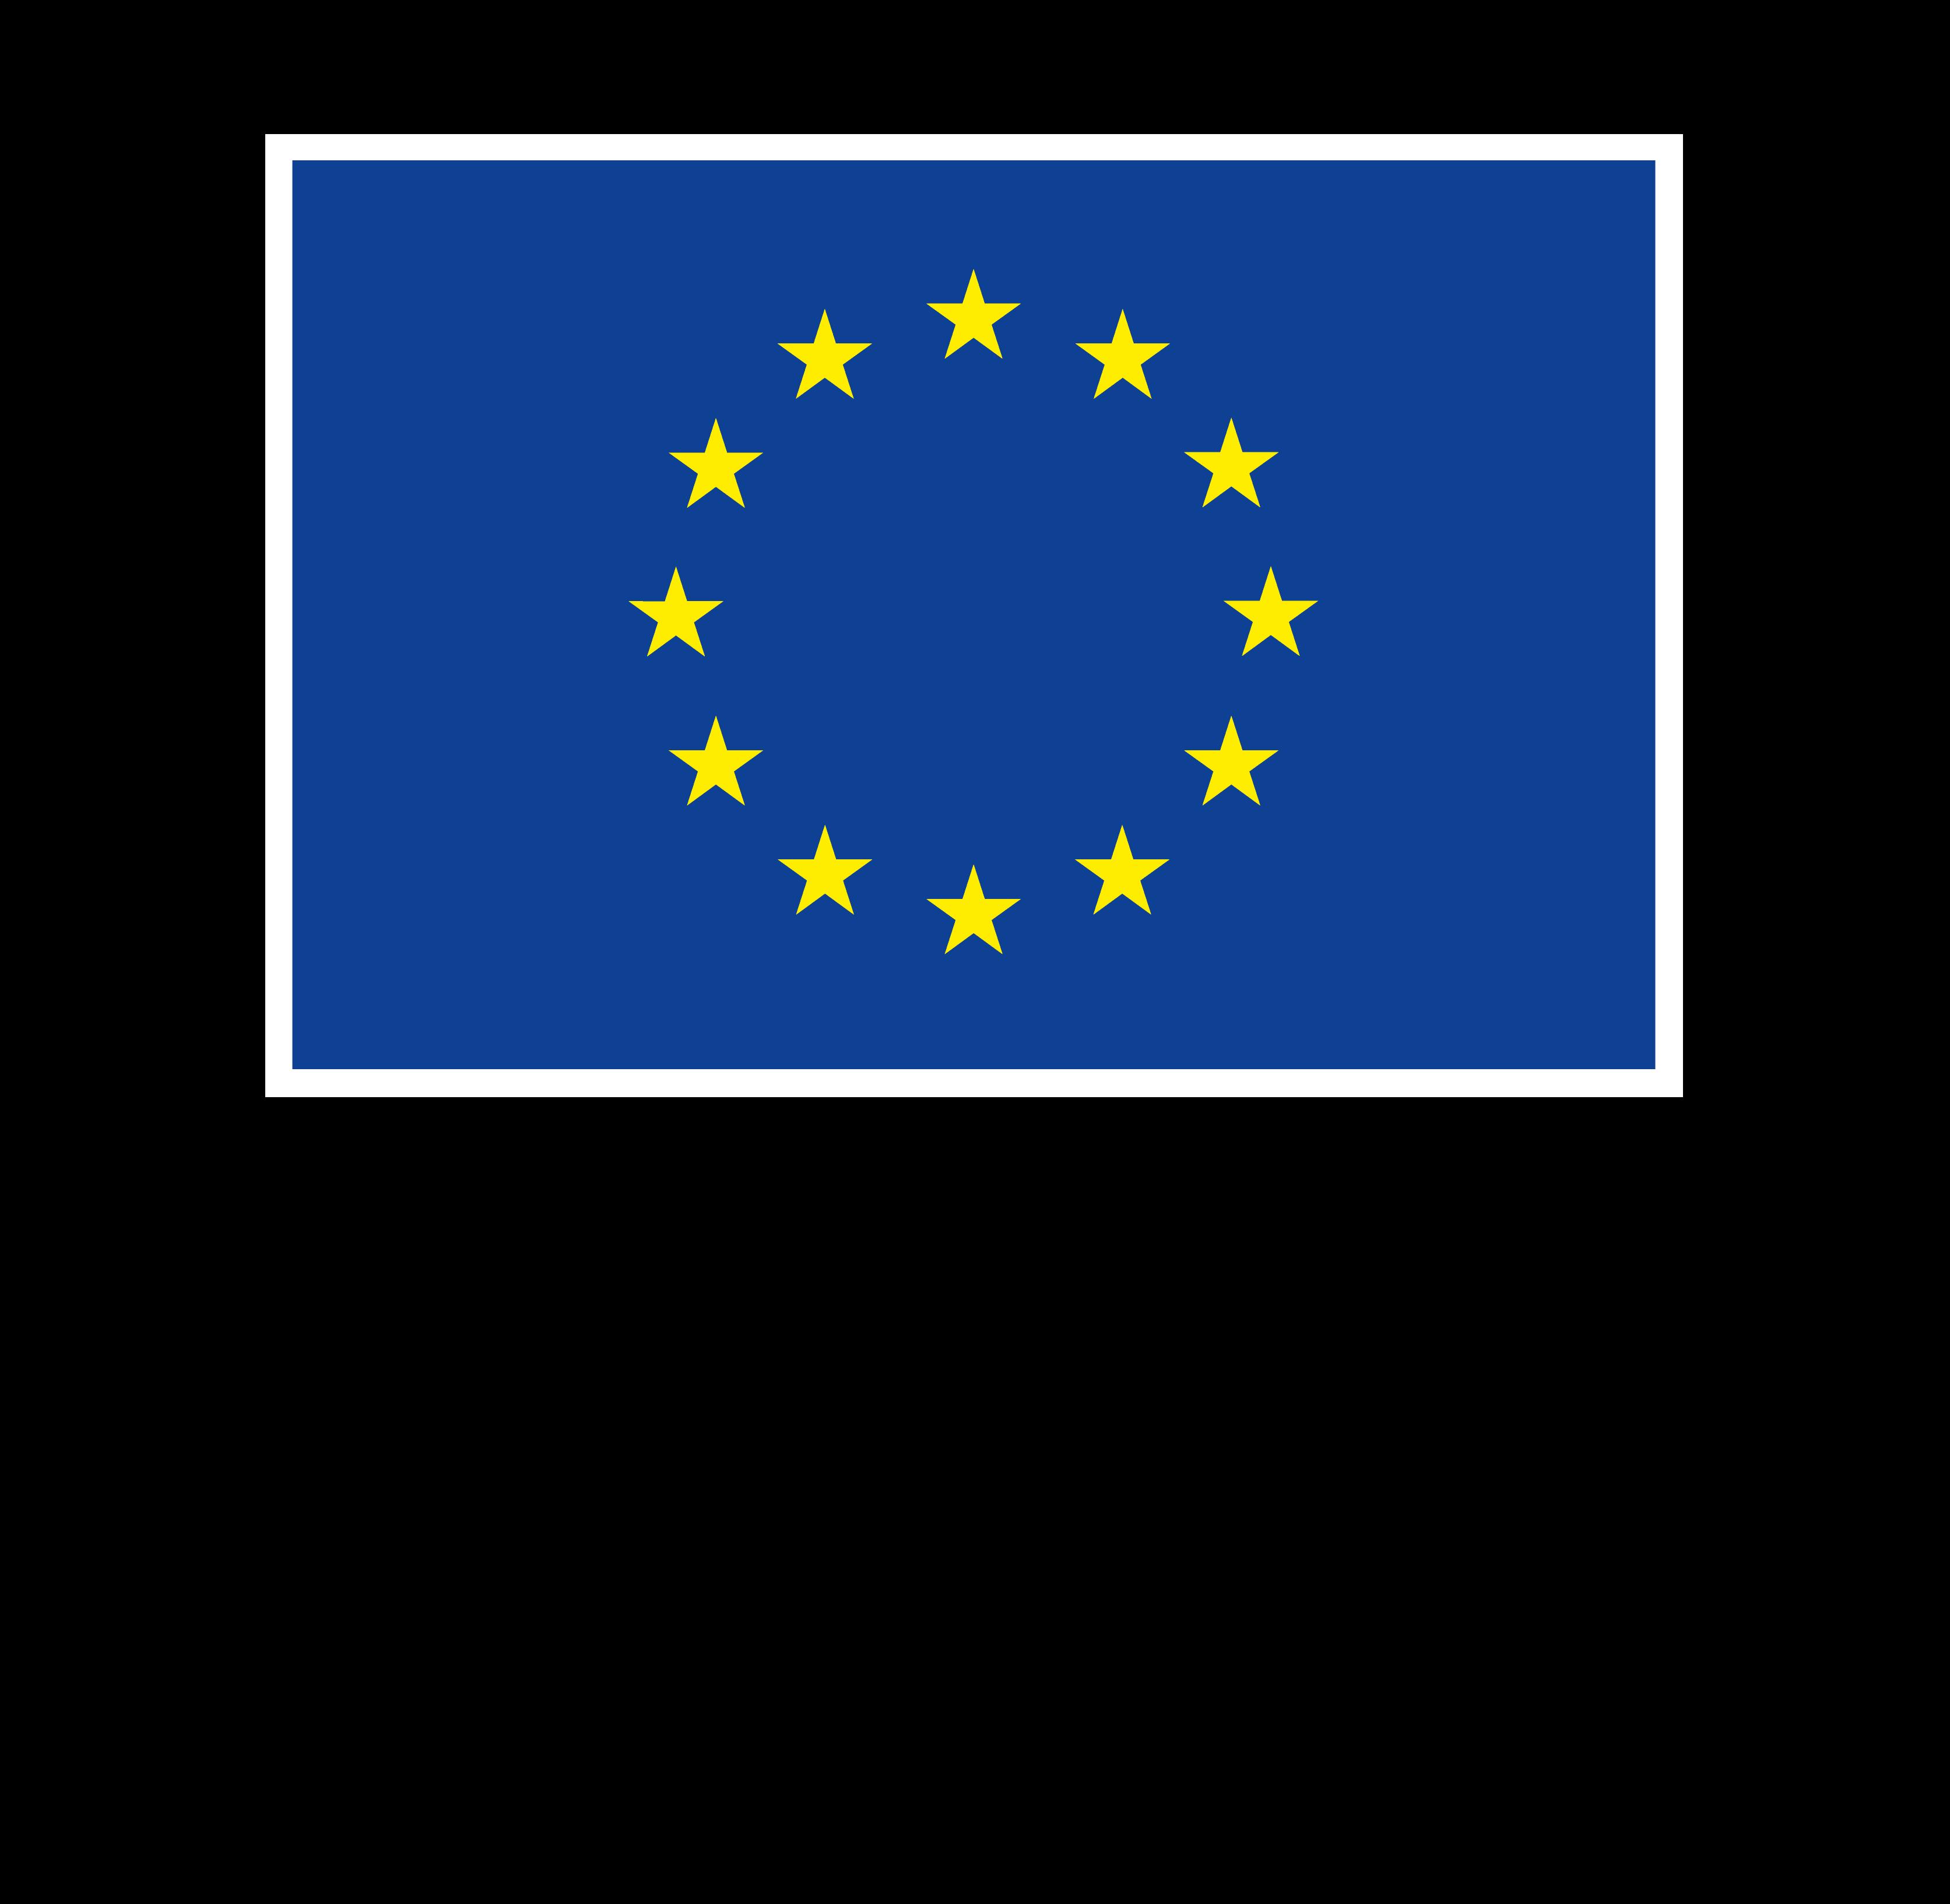 Commission Européenne (ECHO)